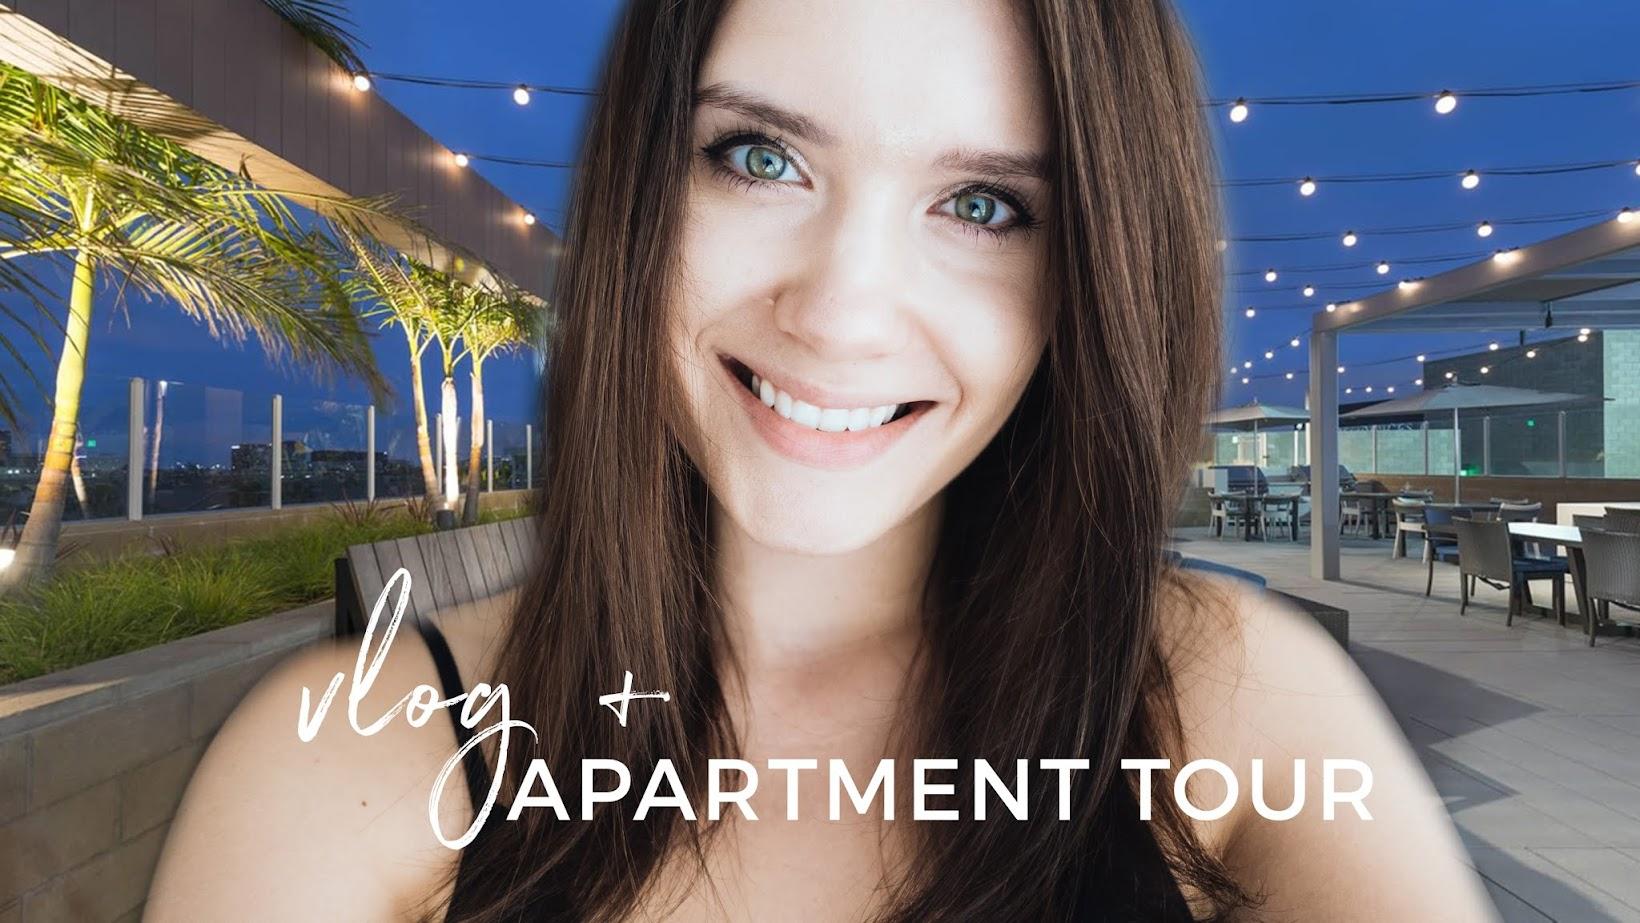 Vlog + Apartment Tour | Przeprowadzamy się do Los Angeles!